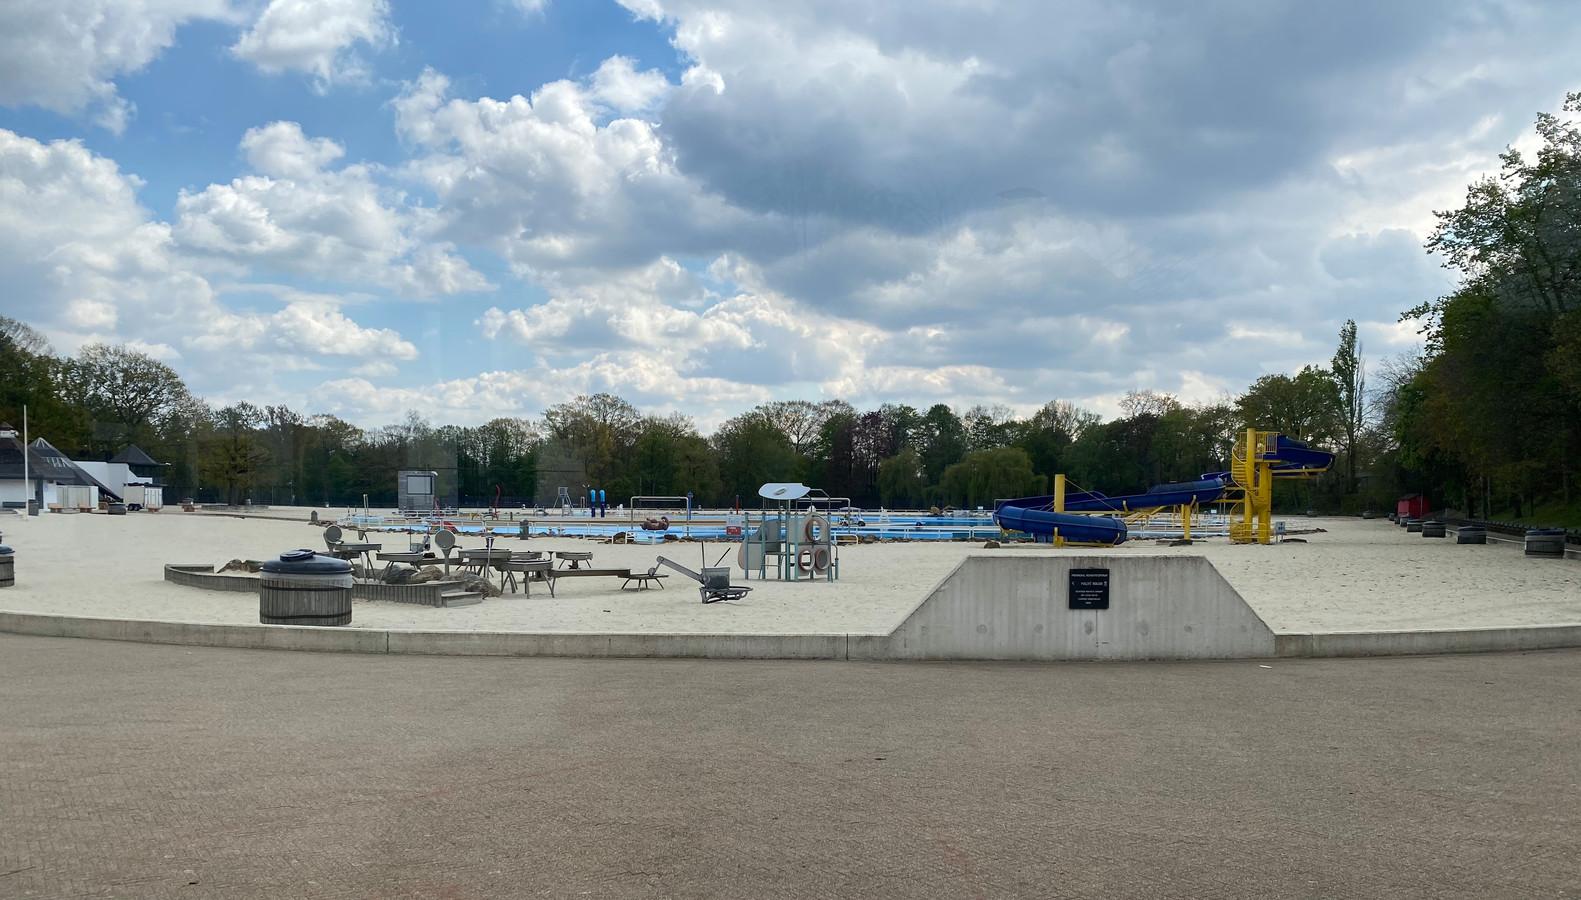 Zwembad Halve Maan in Diest